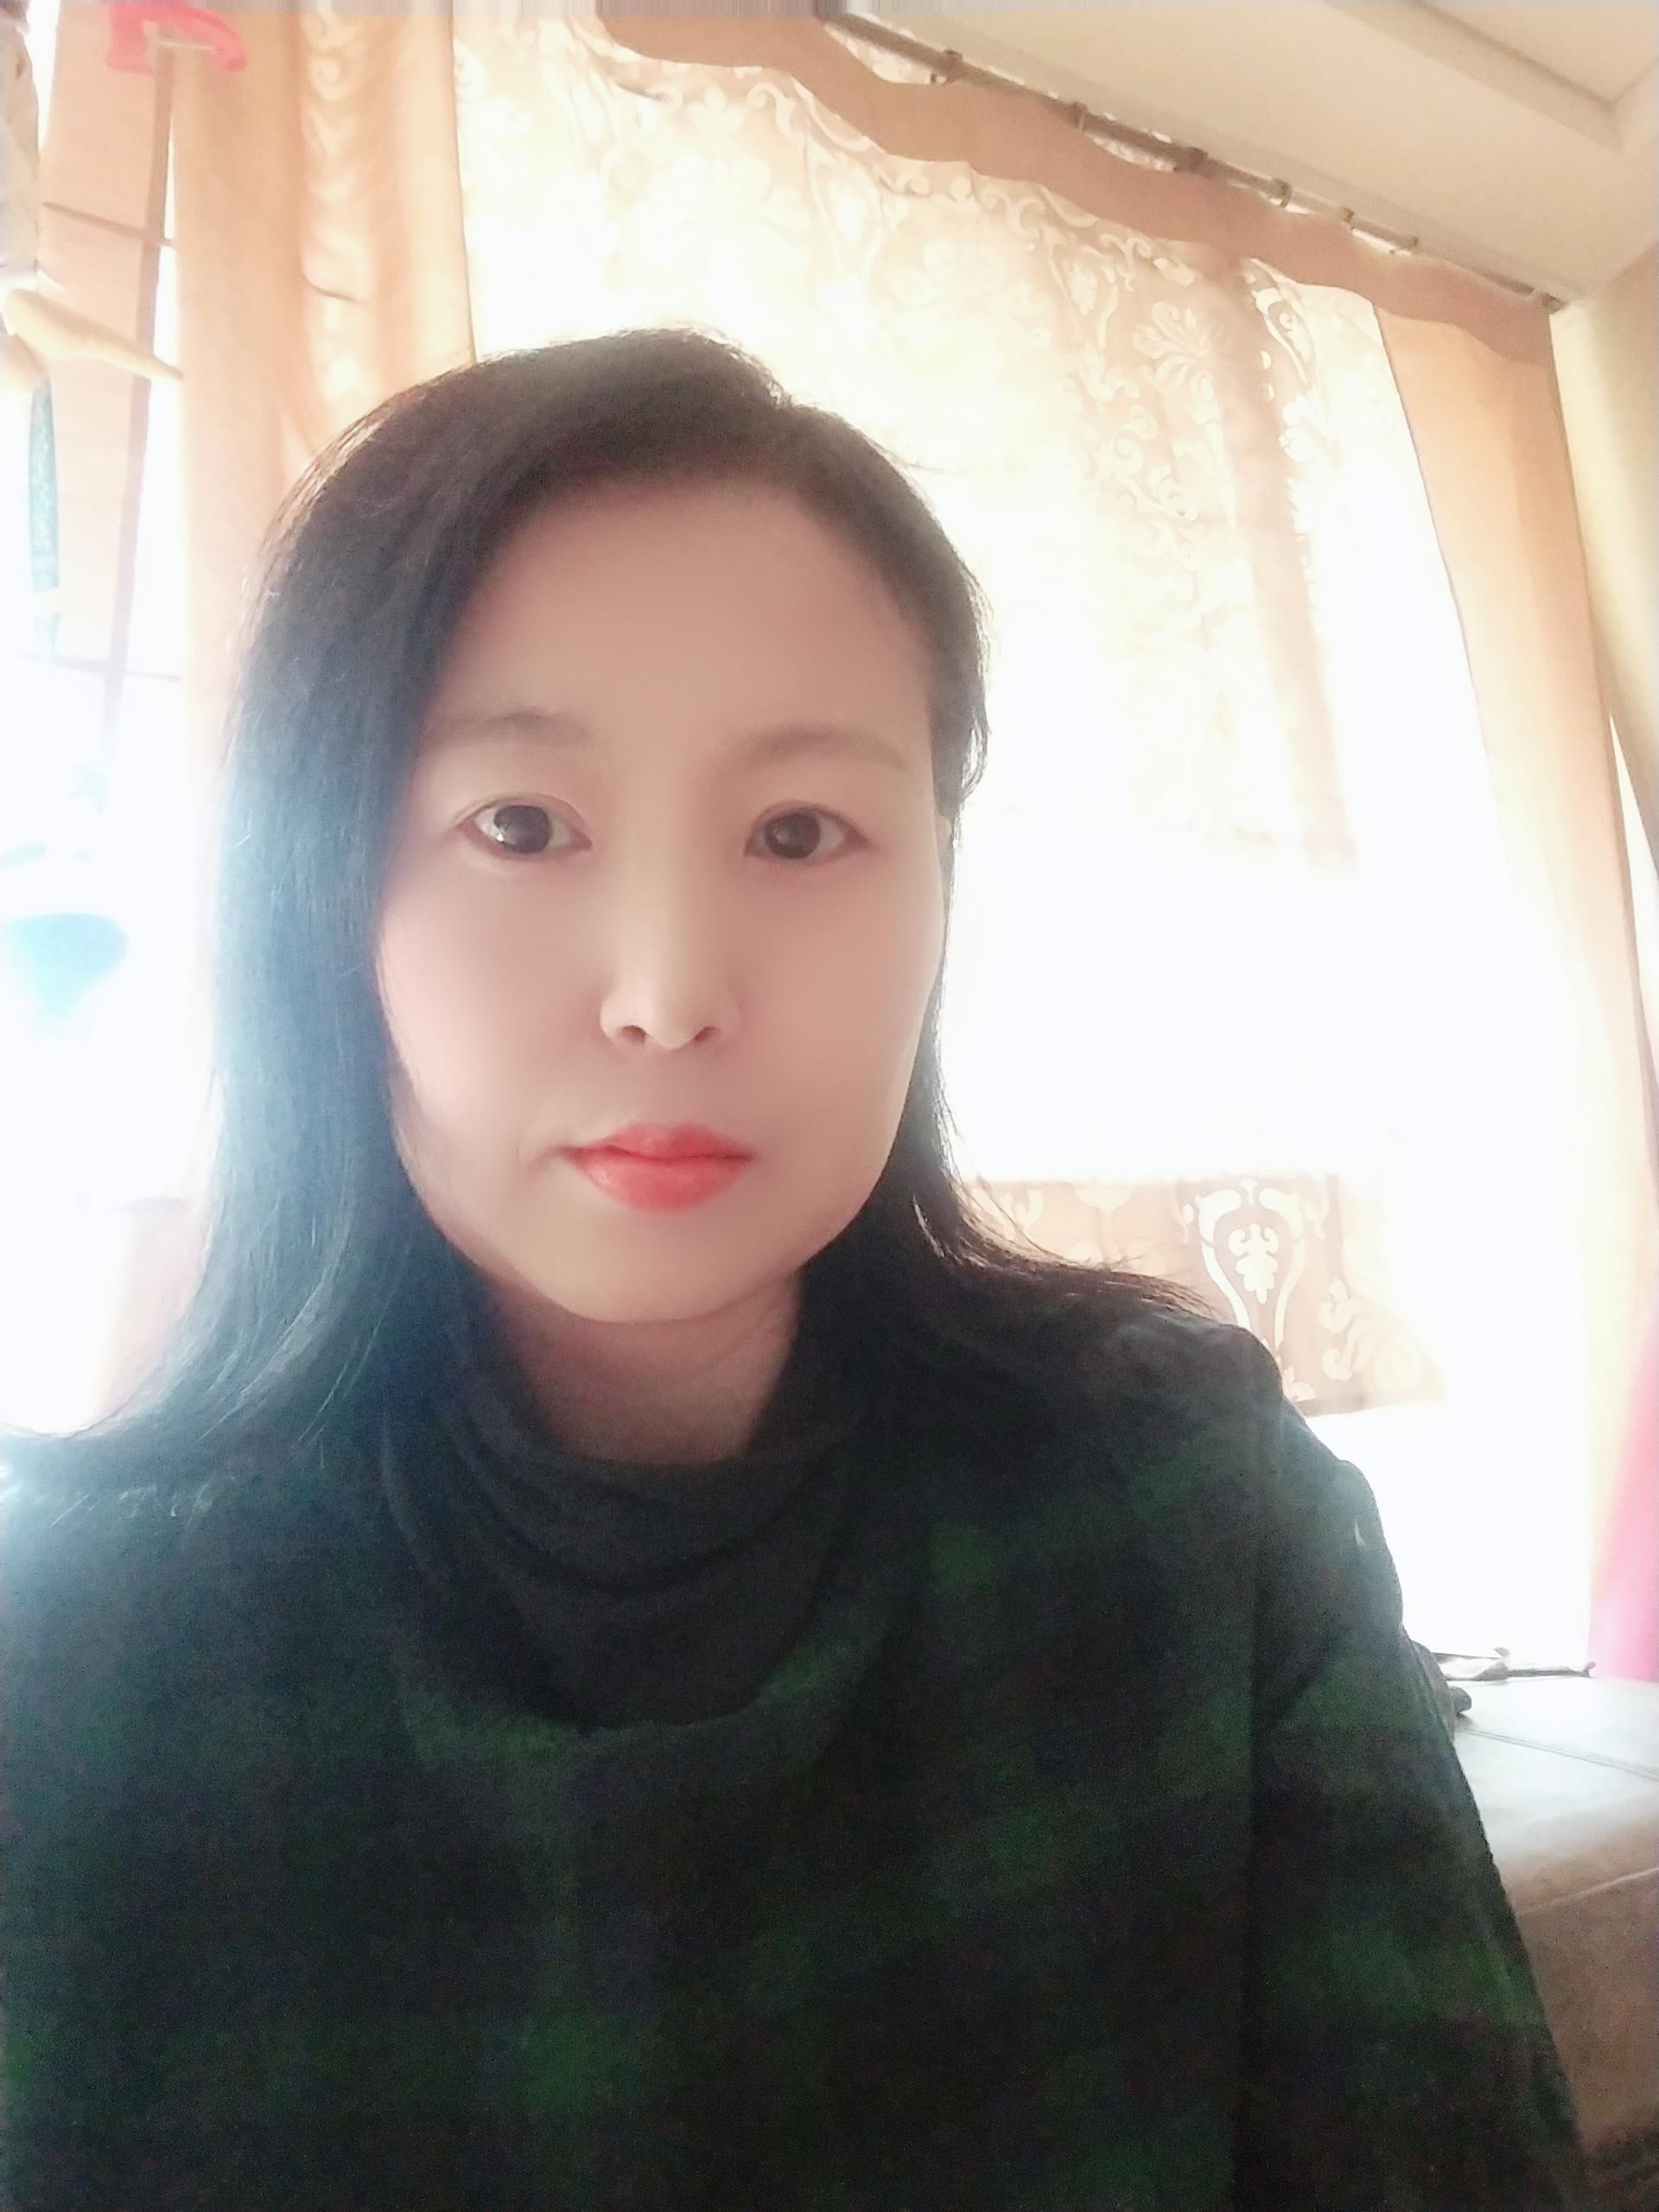 seny**** 님의 프로필